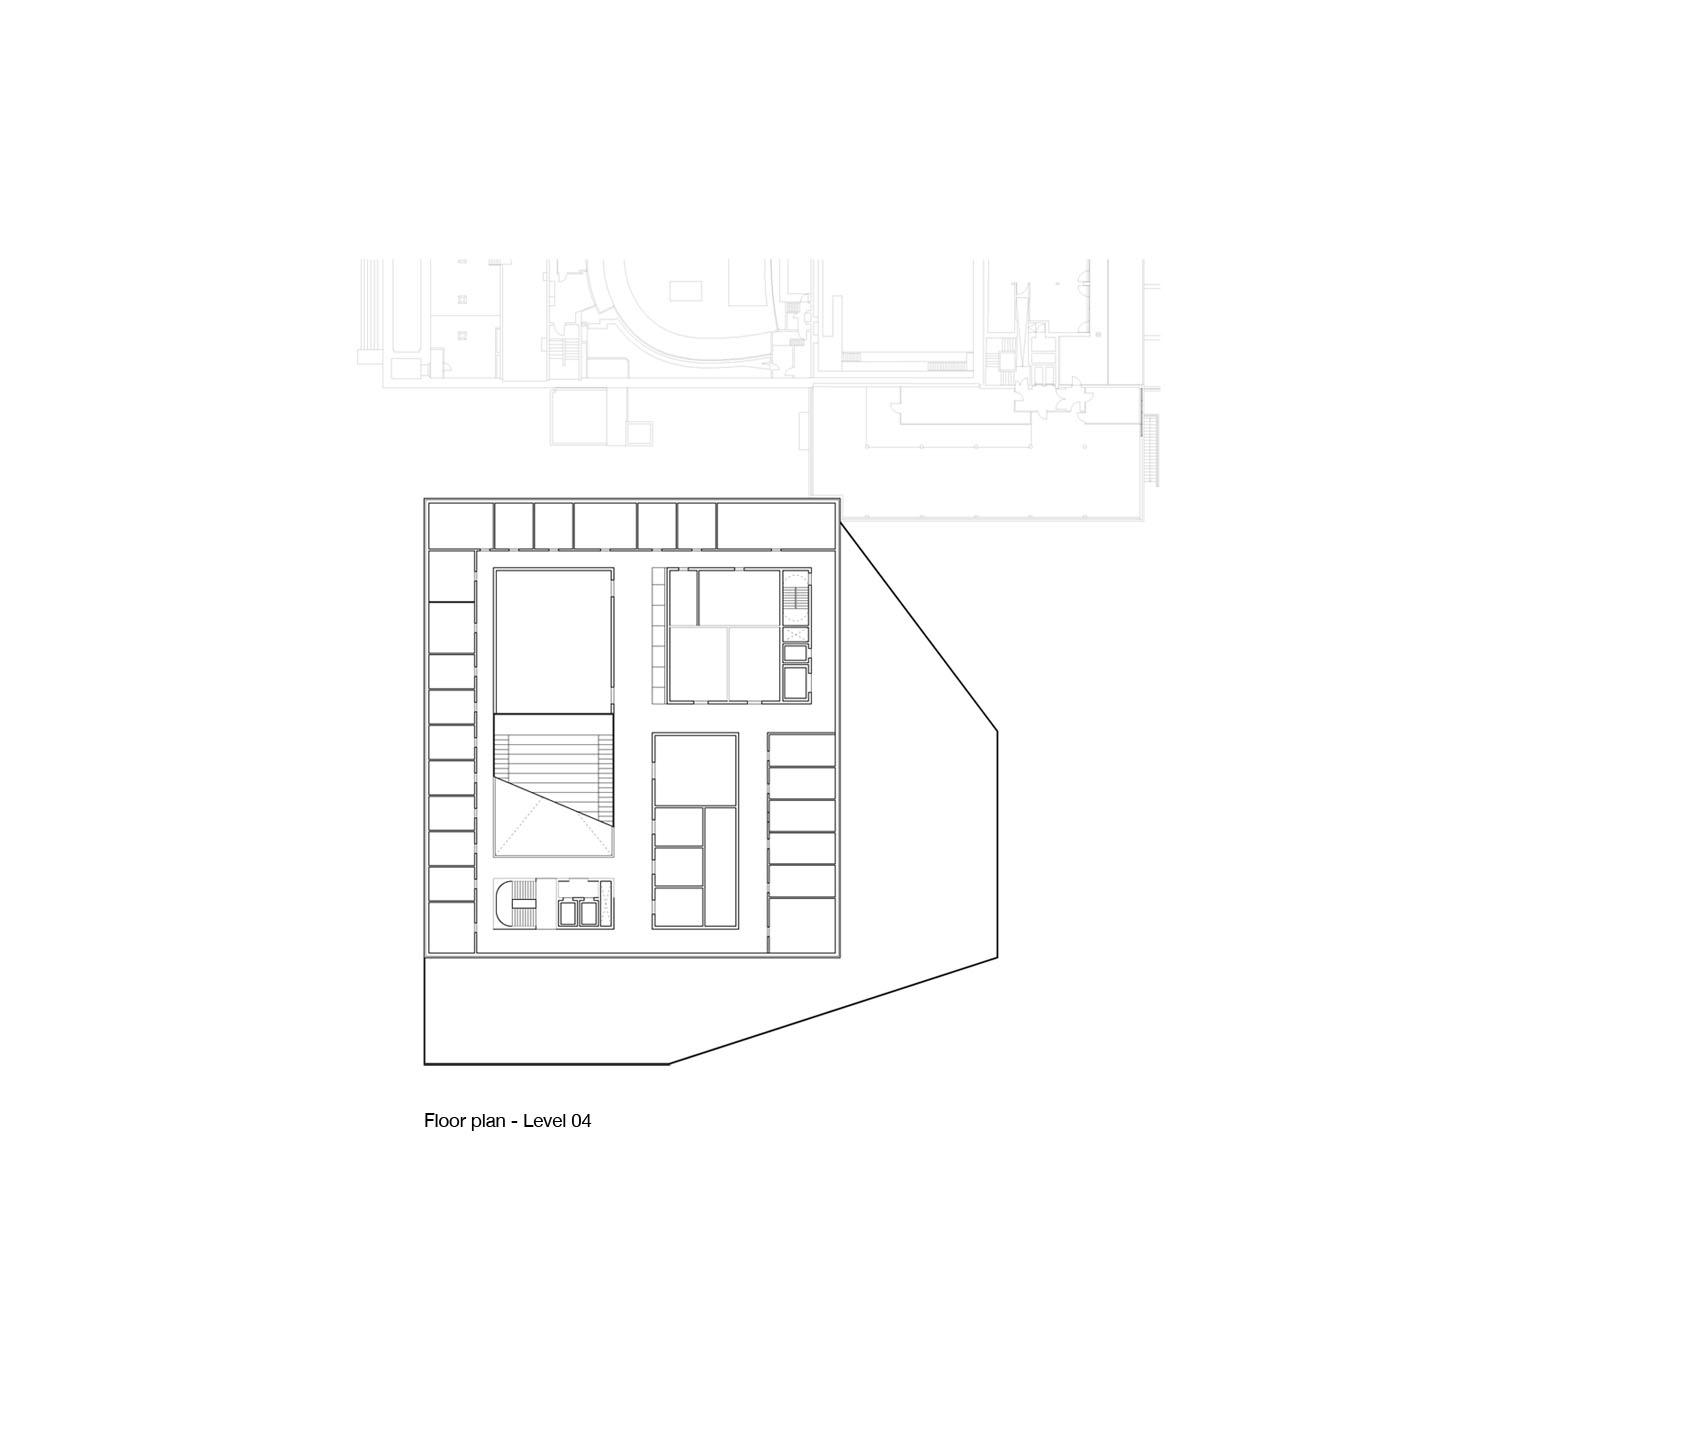 Haus der Musik-Image 16.jpg